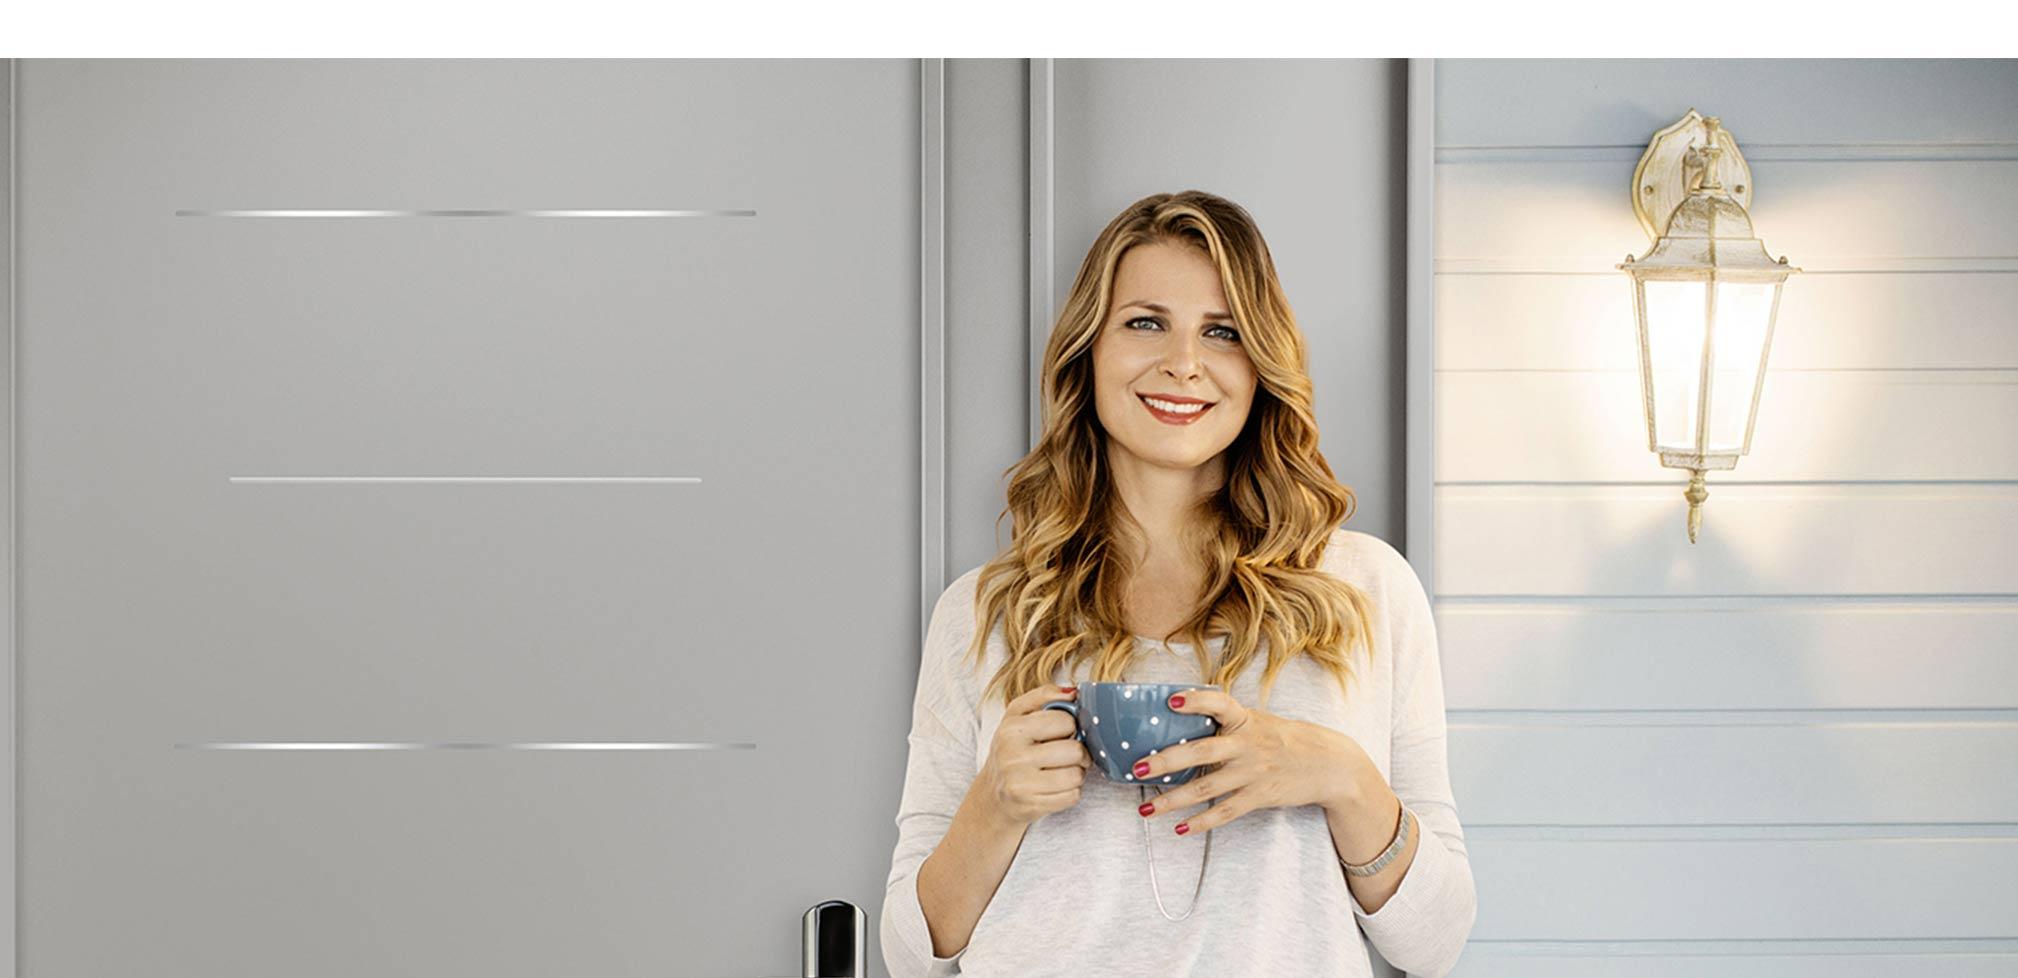 porte blind e fichet stylea sl paris home garde protection point fort fichet paris. Black Bedroom Furniture Sets. Home Design Ideas